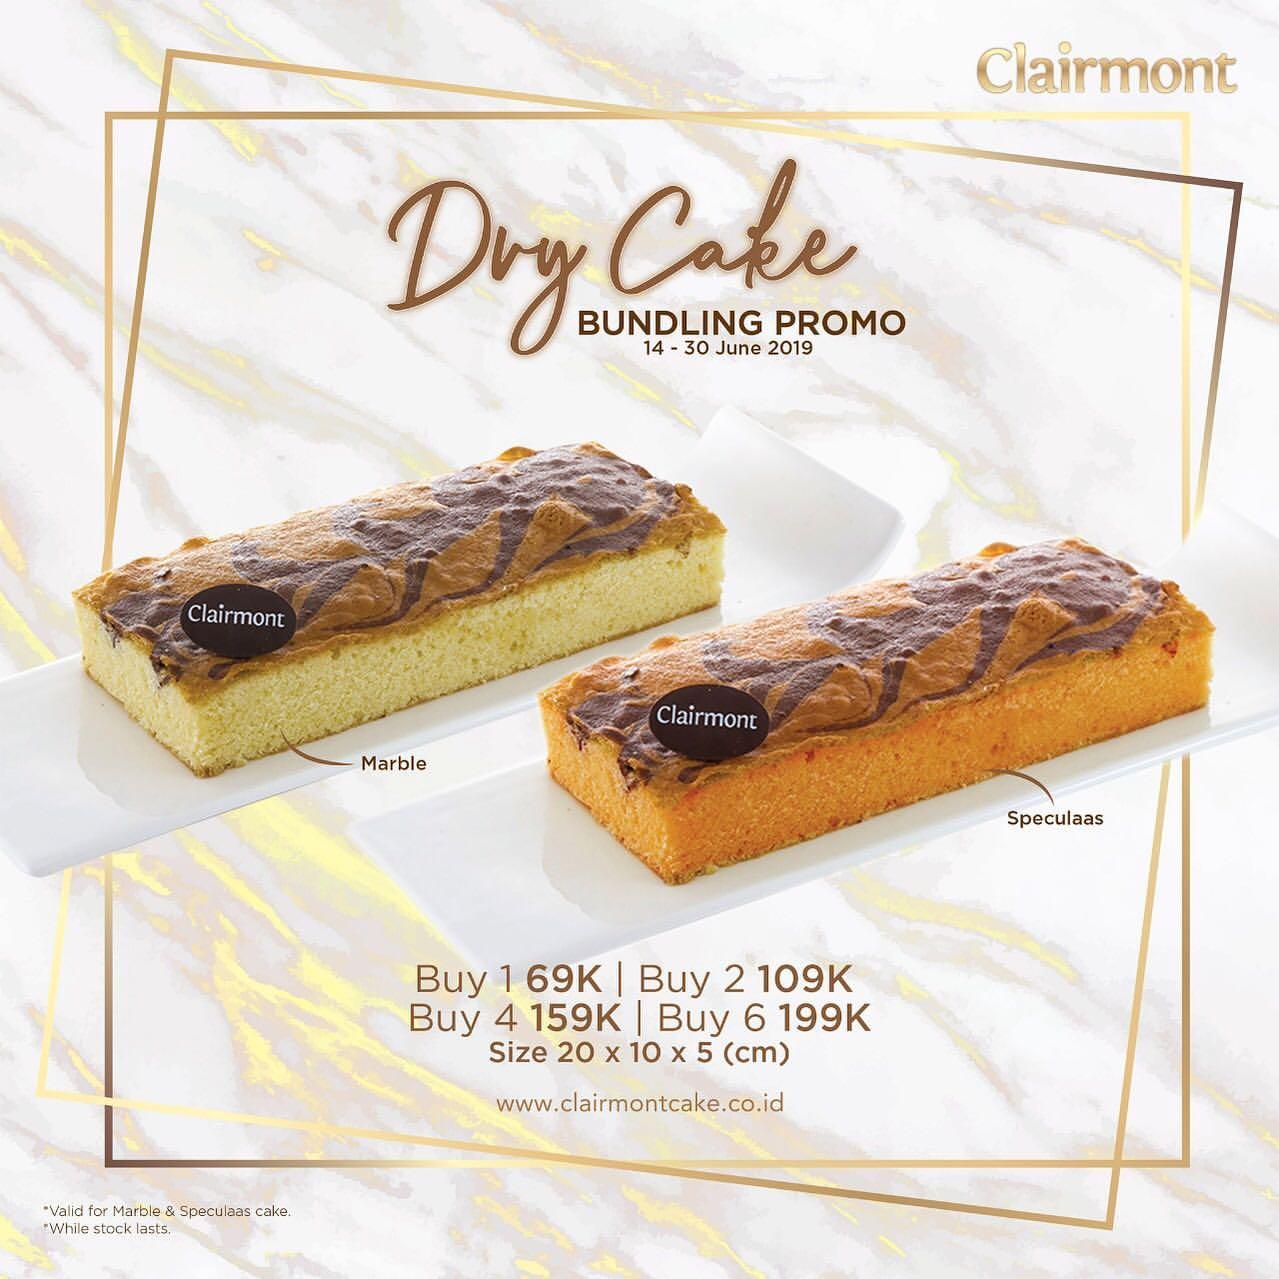 CLAIRMONT Patisserie Dry Cake Bundling Promo Beli Lebih Banyak Harga Lebih Hemat mulai Rp.69.000